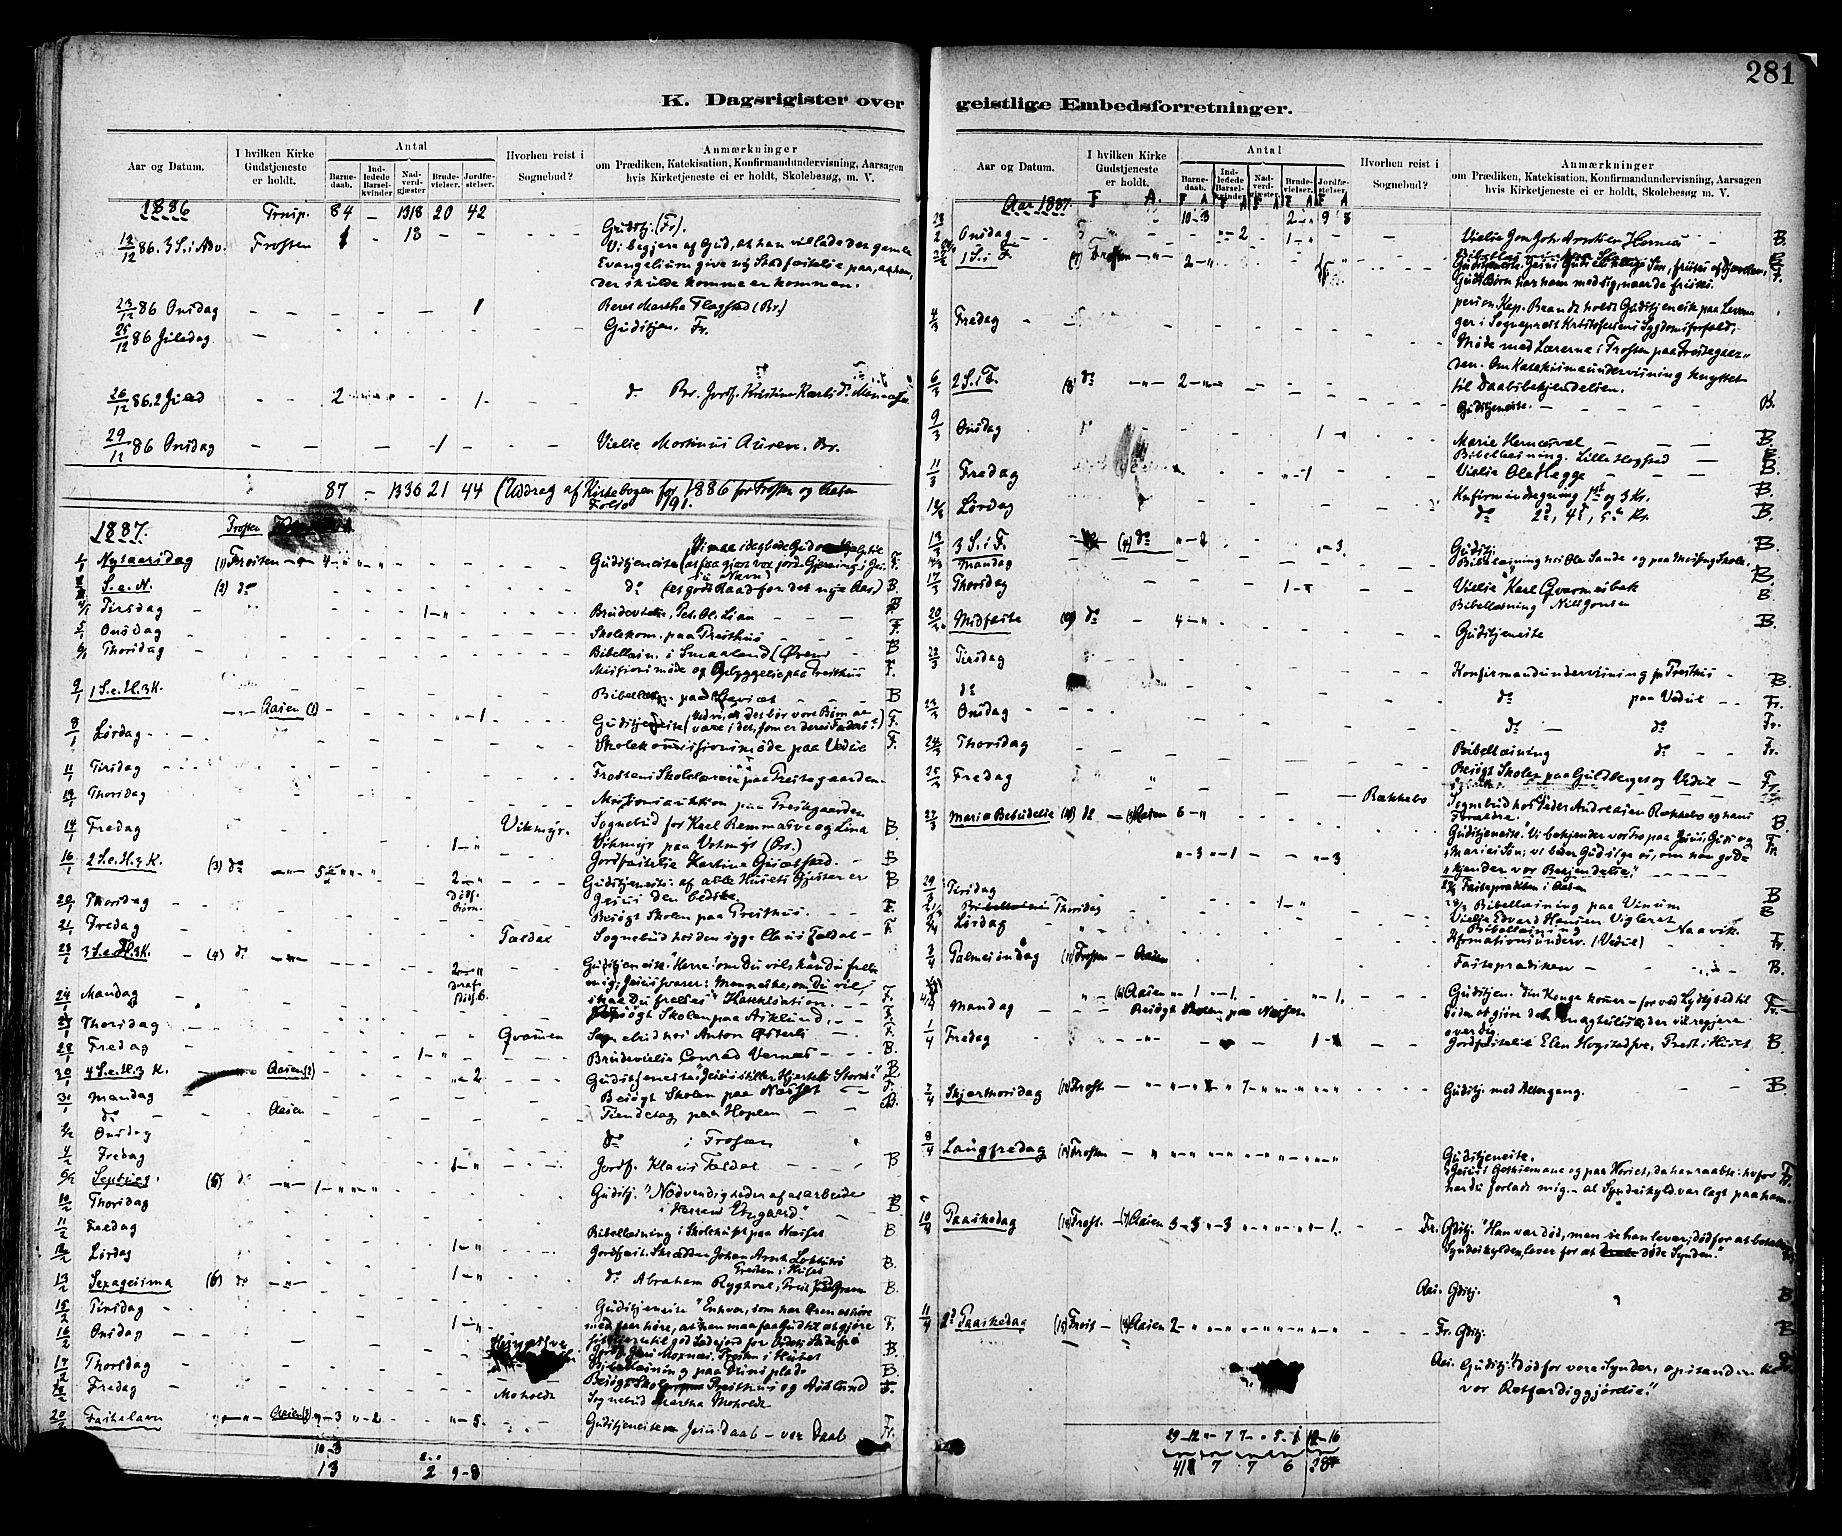 SAT, Ministerialprotokoller, klokkerbøker og fødselsregistre - Nord-Trøndelag, 713/L0120: Ministerialbok nr. 713A09, 1878-1887, s. 281